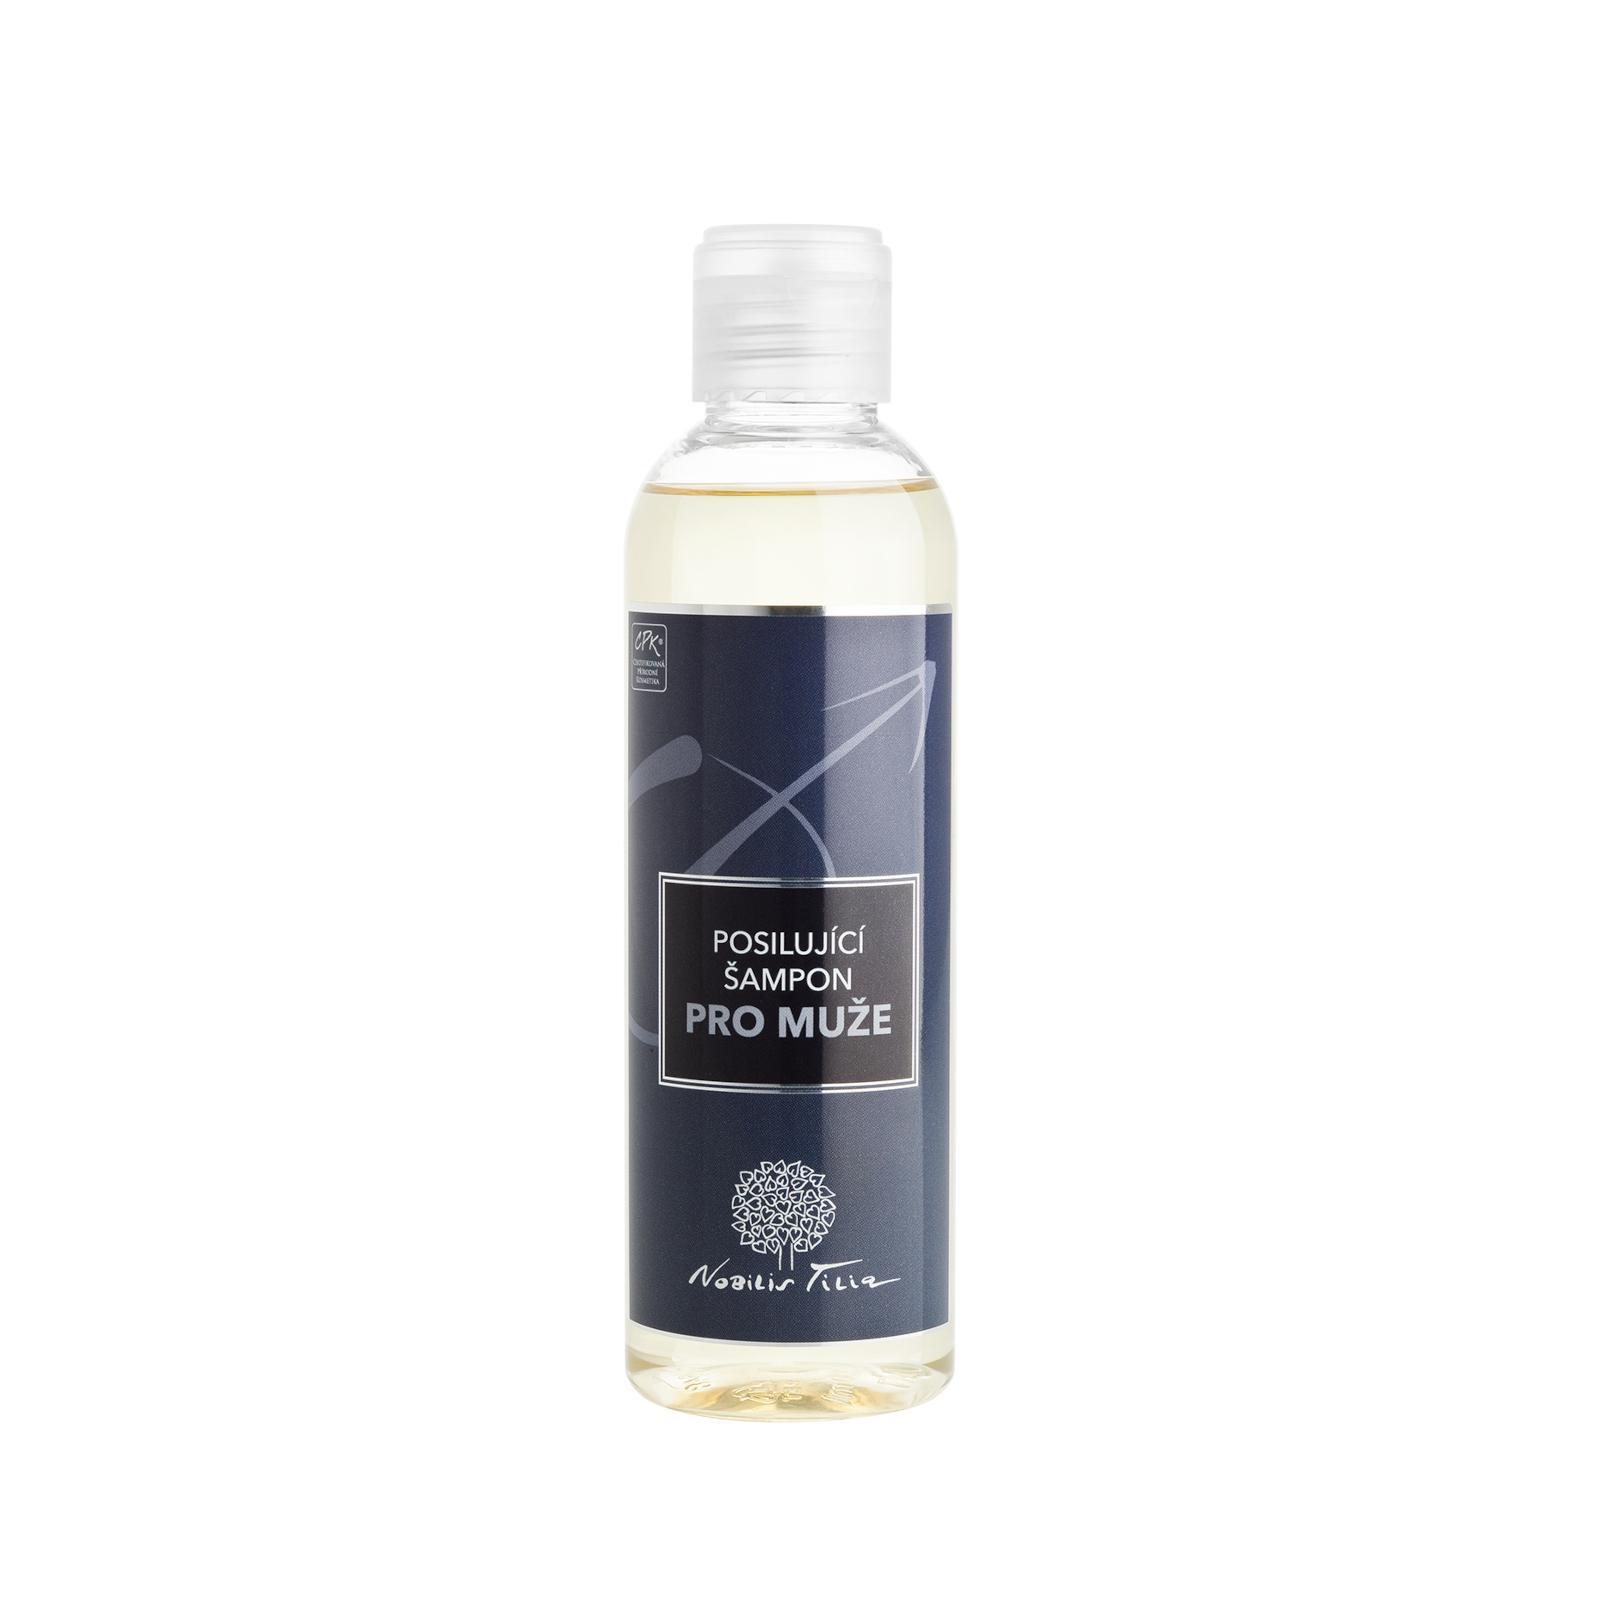 Nobilis Tilia Šampon posilující pro muže 200 ml